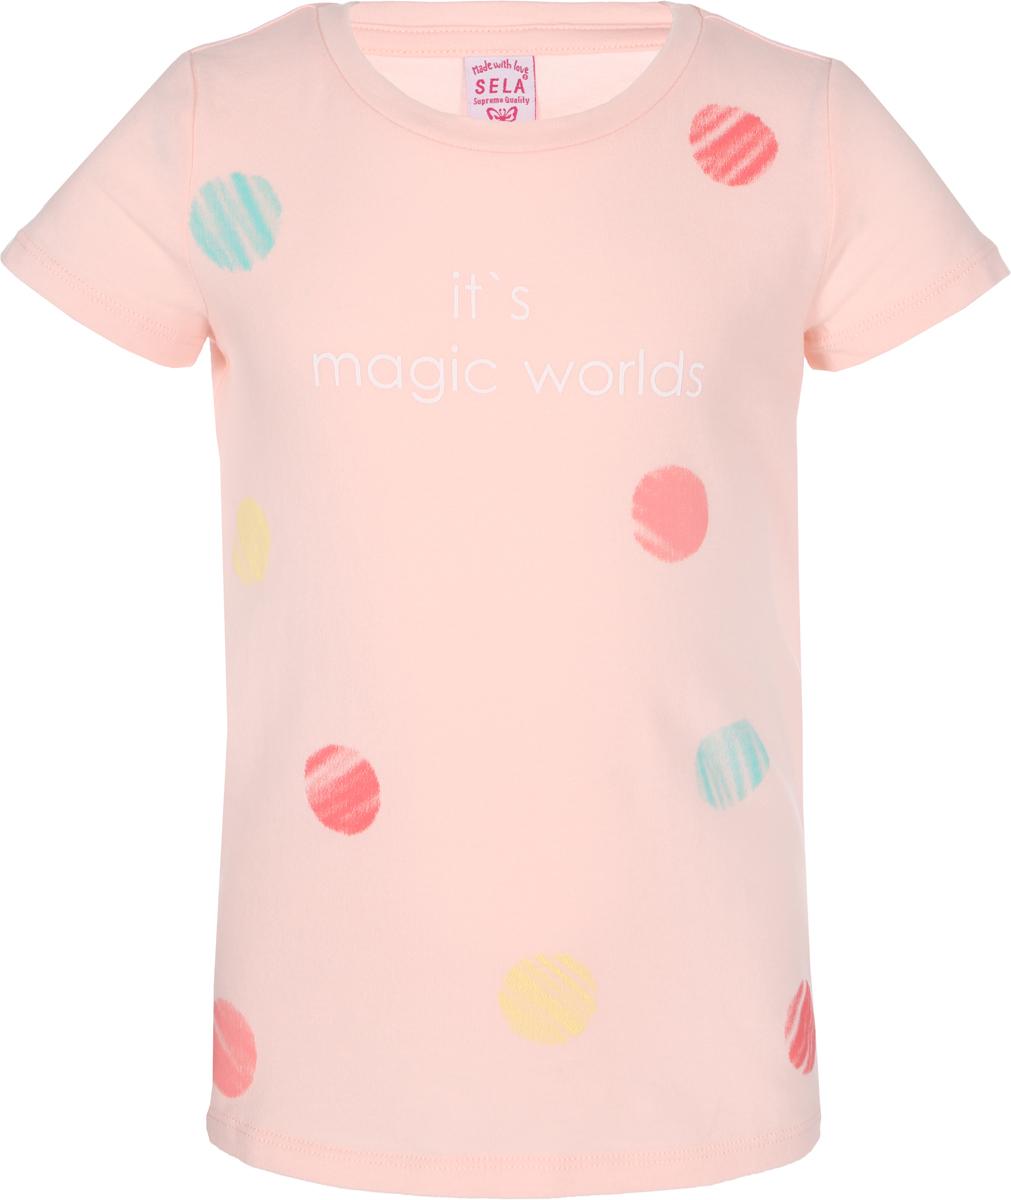 Футболка для девочки Sela, цвет: розовый. Ts-511/486-8213. Размер 116, 6 лет футболка для девочки sela цвет молочный белый ts 511 476 8122 размер 116 6 лет